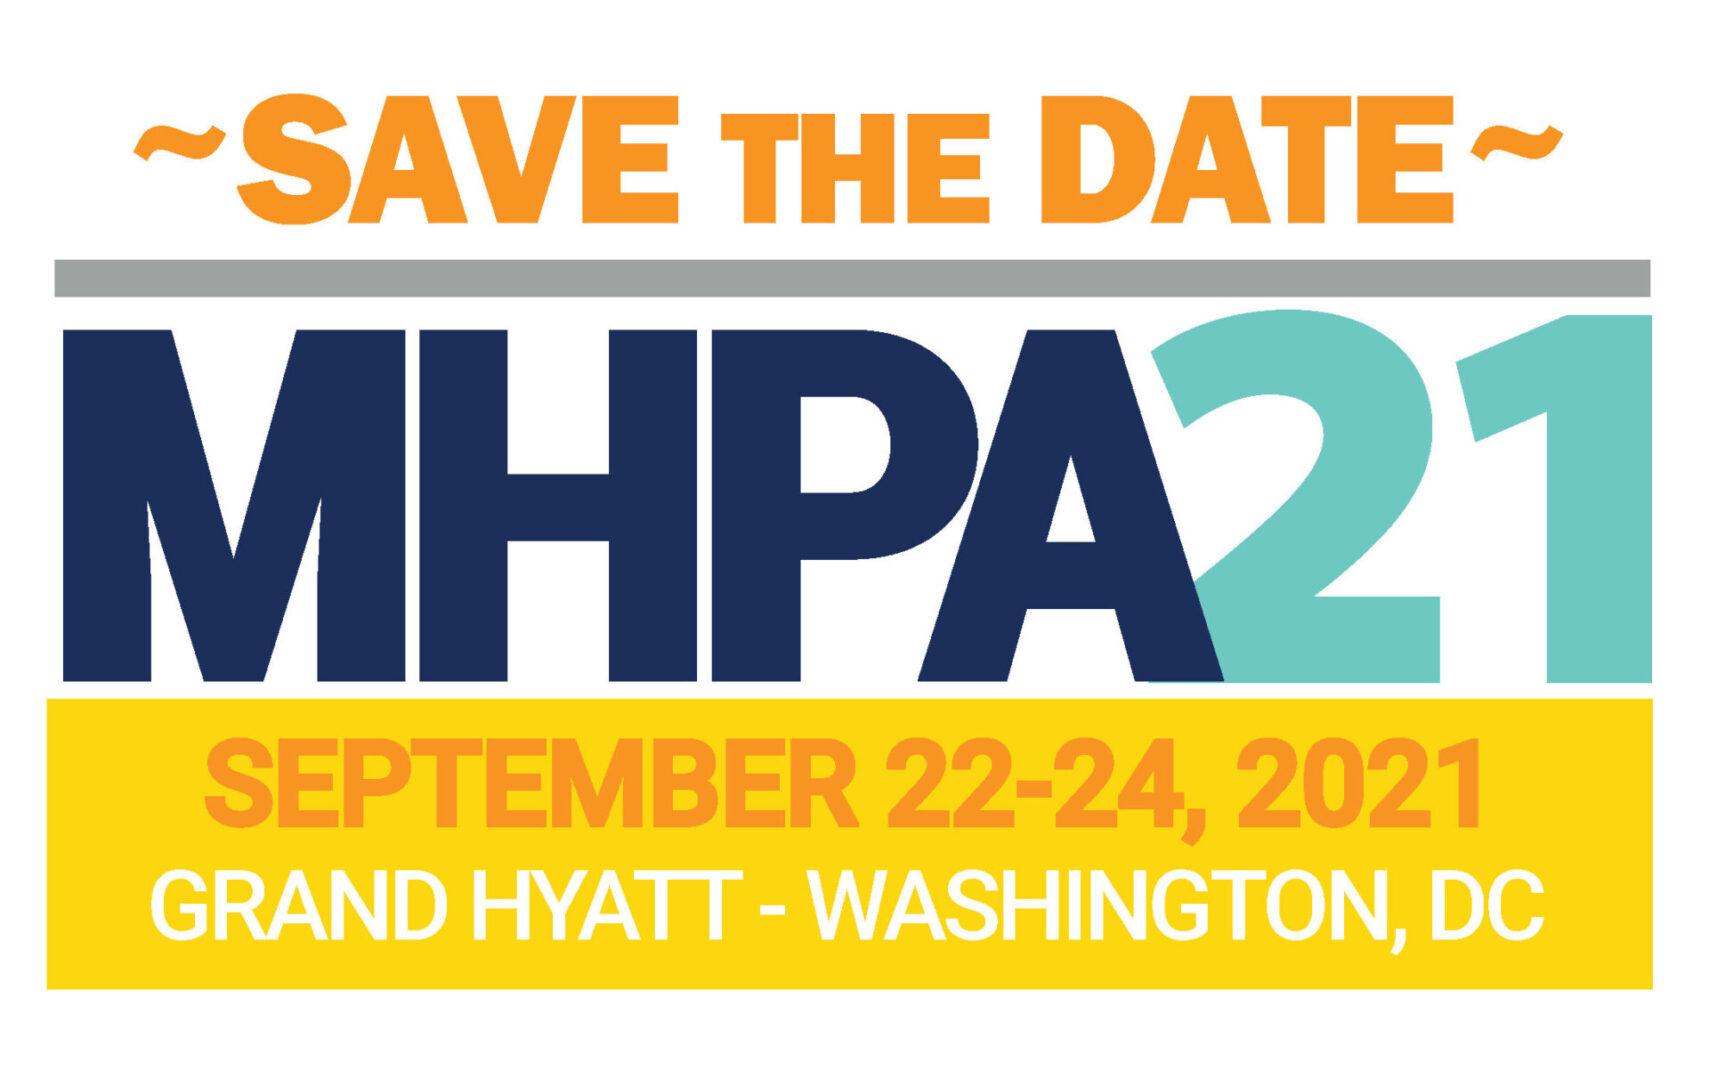 MHPA21 Meeting Logo_savedate